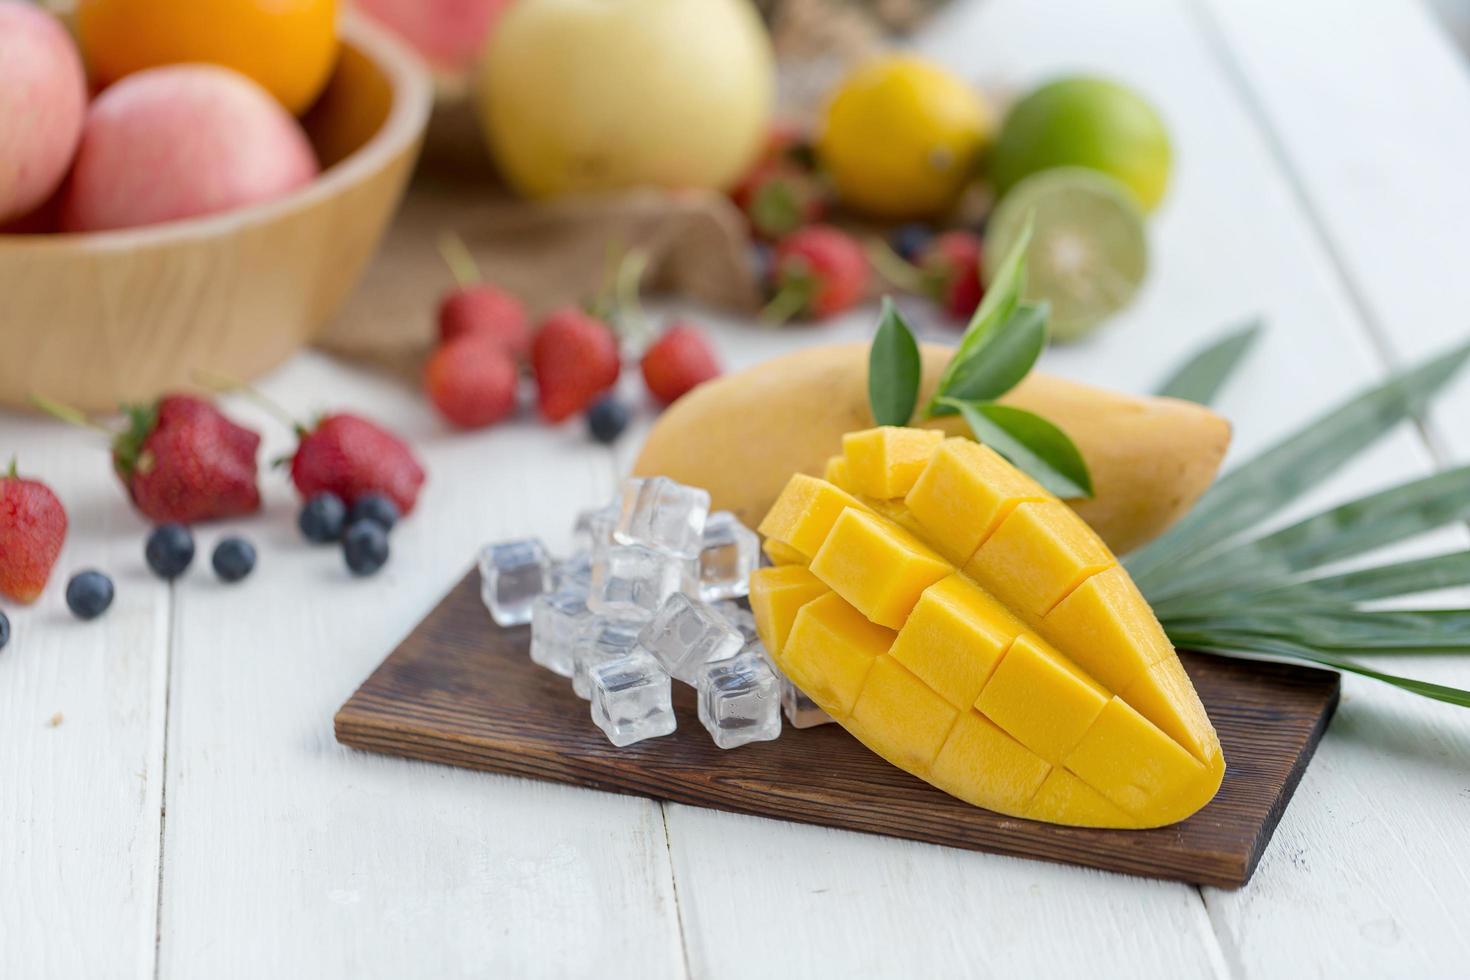 Sliced mango and other fruit photo